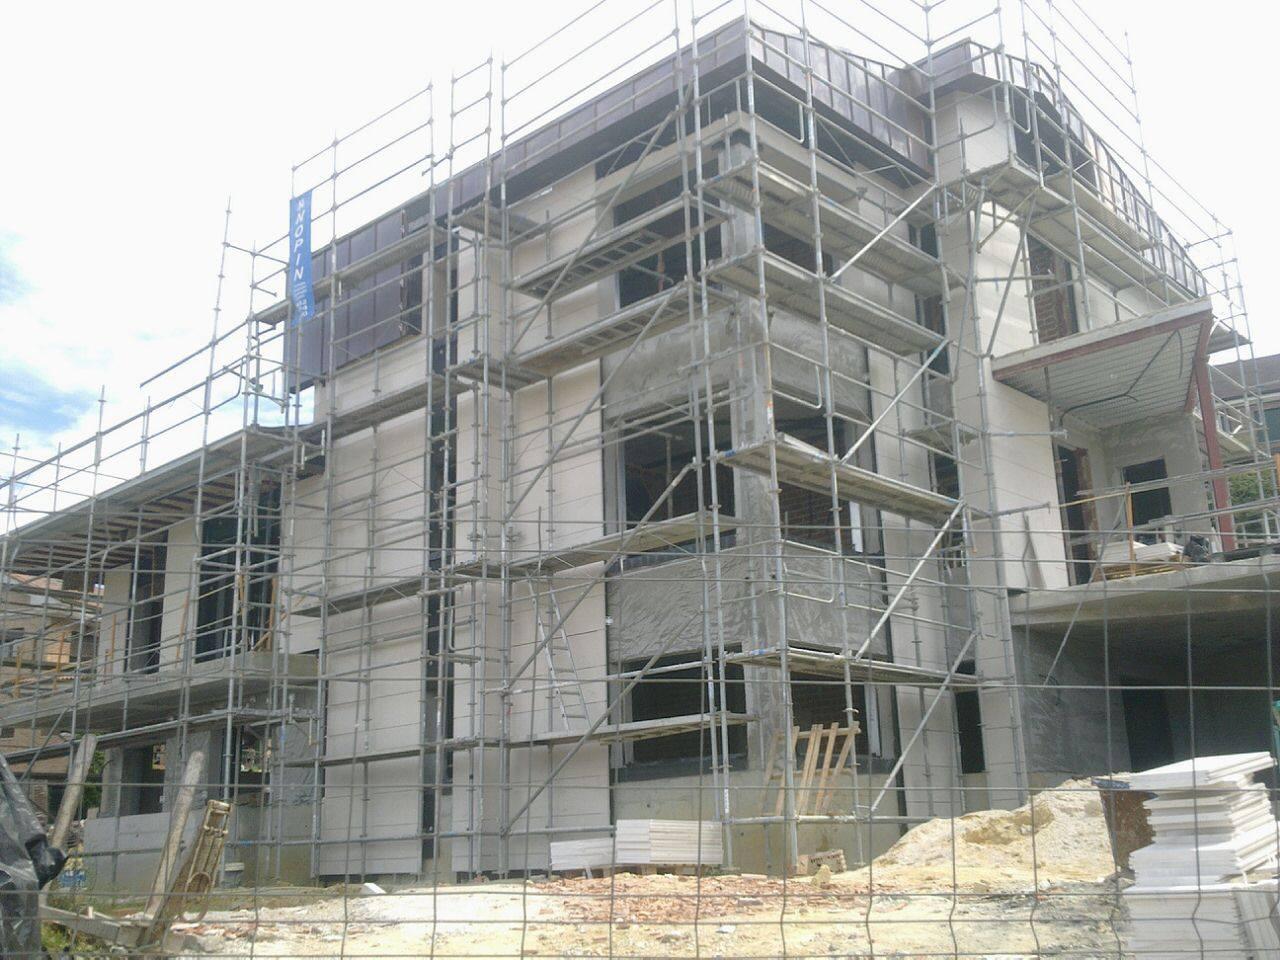 Trabajos realizados por mtrehabilitaci n mantenimientos - Fachadas ventiladas de piedra ...